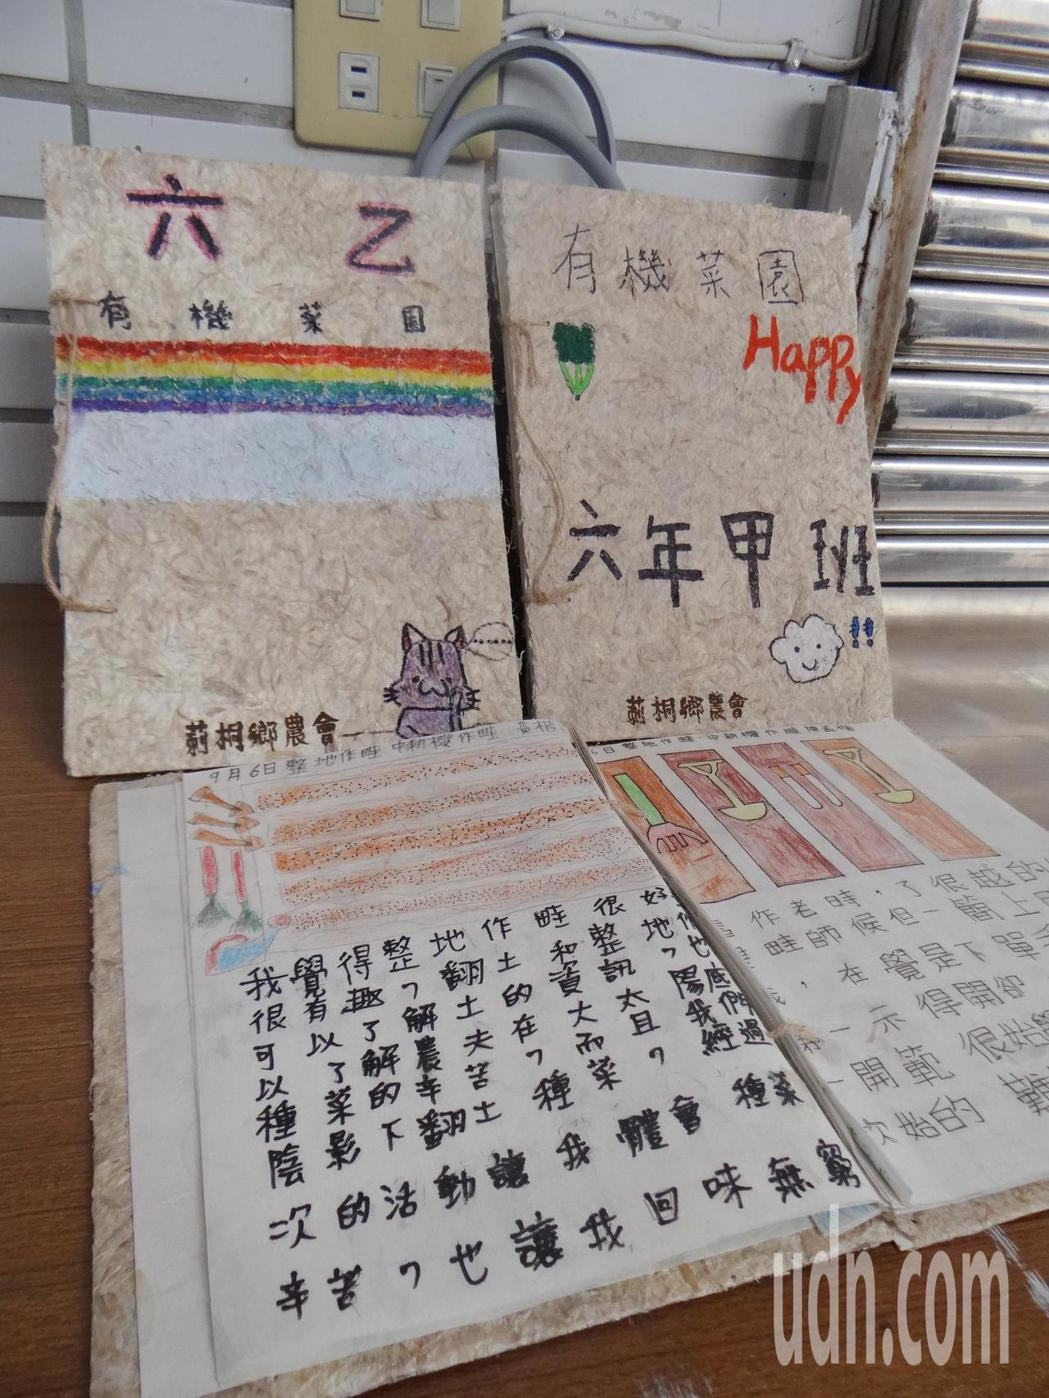 用廢棄的蒜頭膜打漿製成書本,並用來記錄小農農事,讓書中充滿濃濃的蒜香農味,是一大...